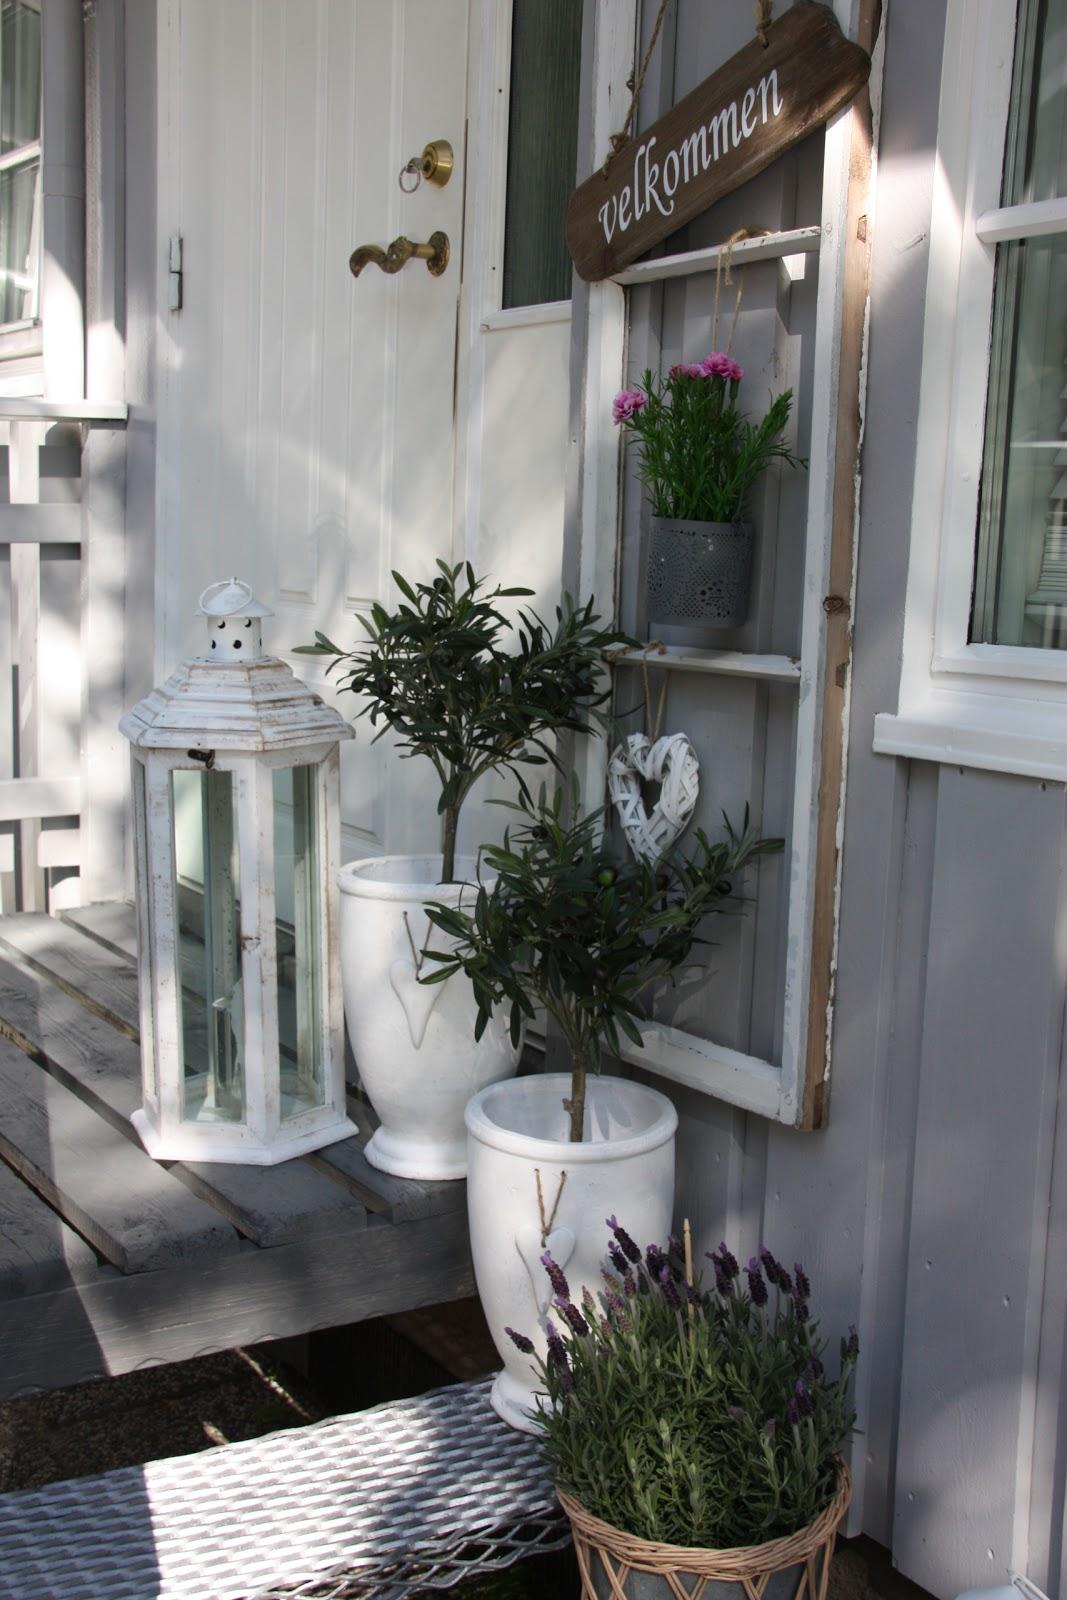 Daisys home pynta opp inngangspartiet - Bilder deko ideen ...